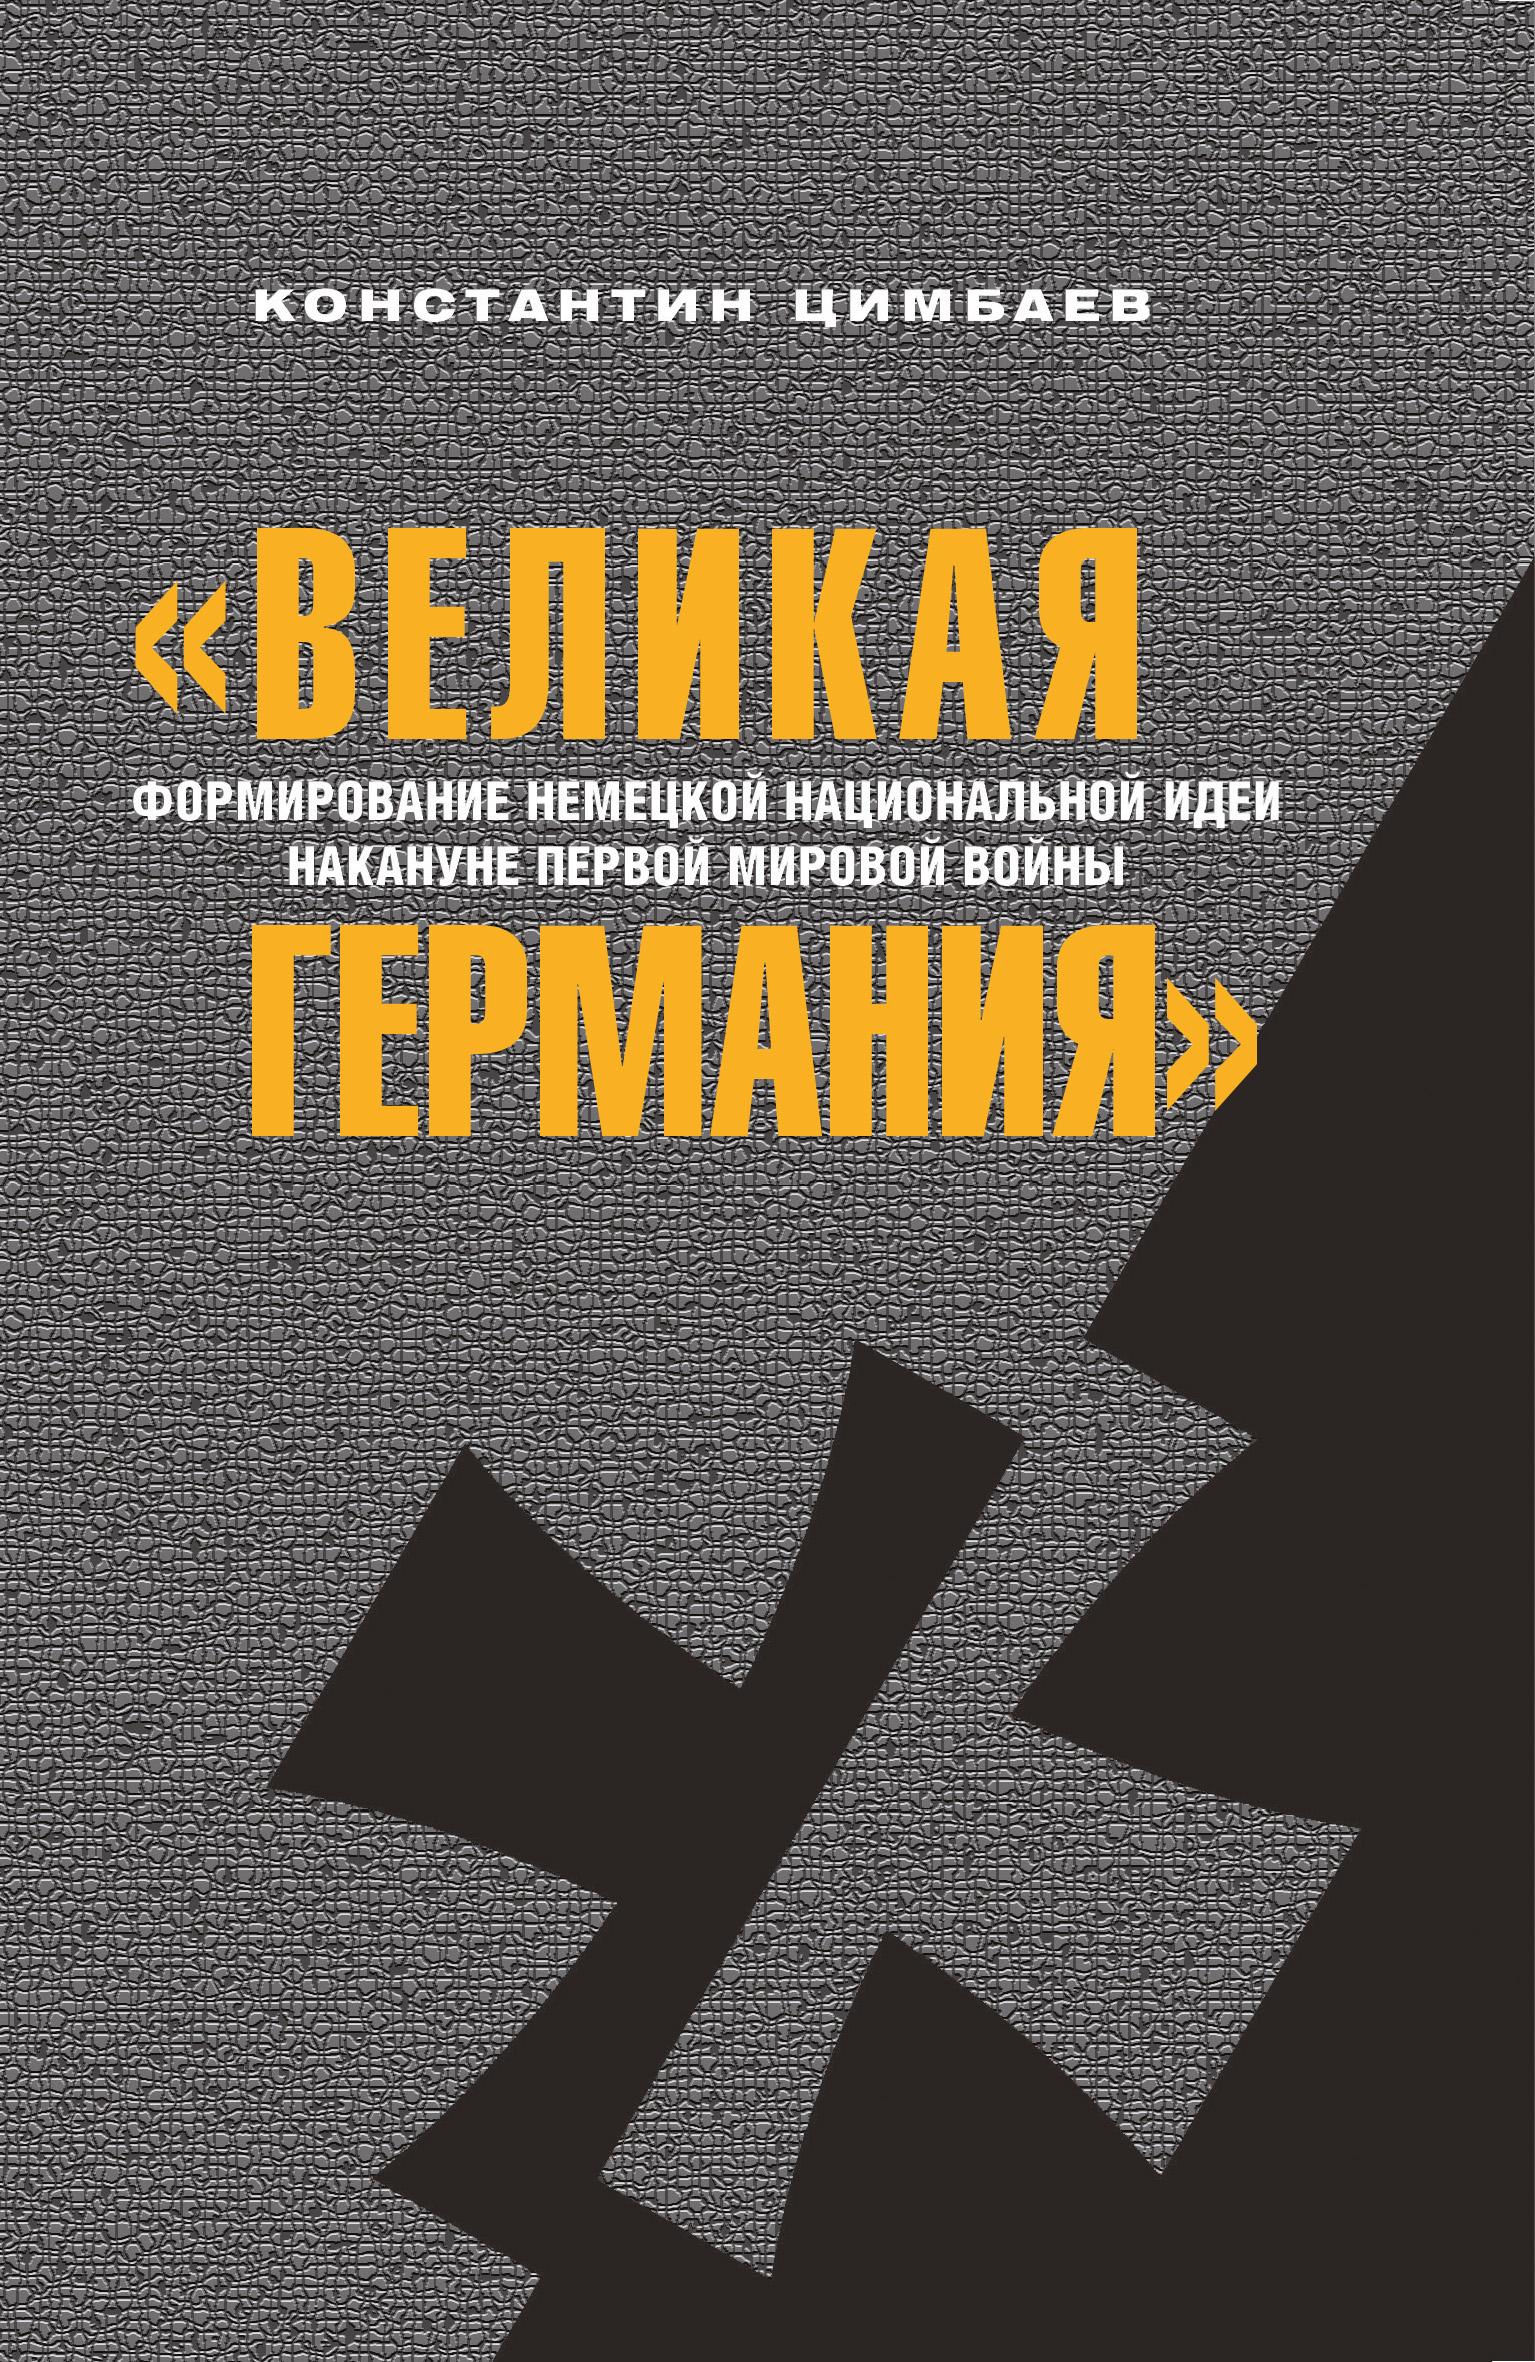 Книга «Великая Германия». Формирование немецкой национальной идеи накануне Первой мировой войны